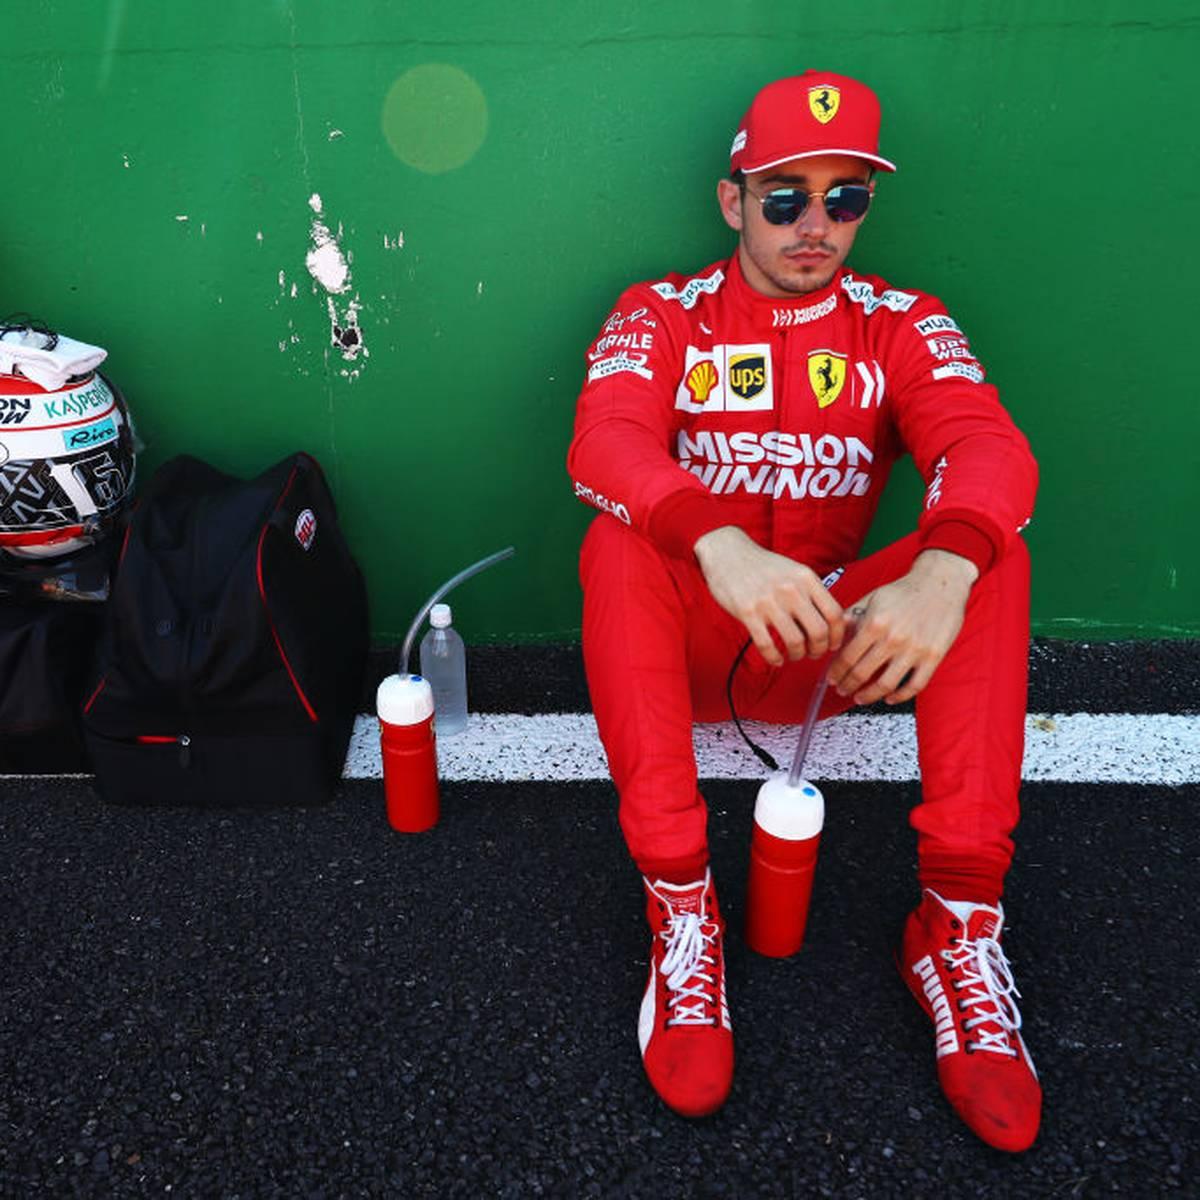 Ist das der neue Bad Boy der F1?